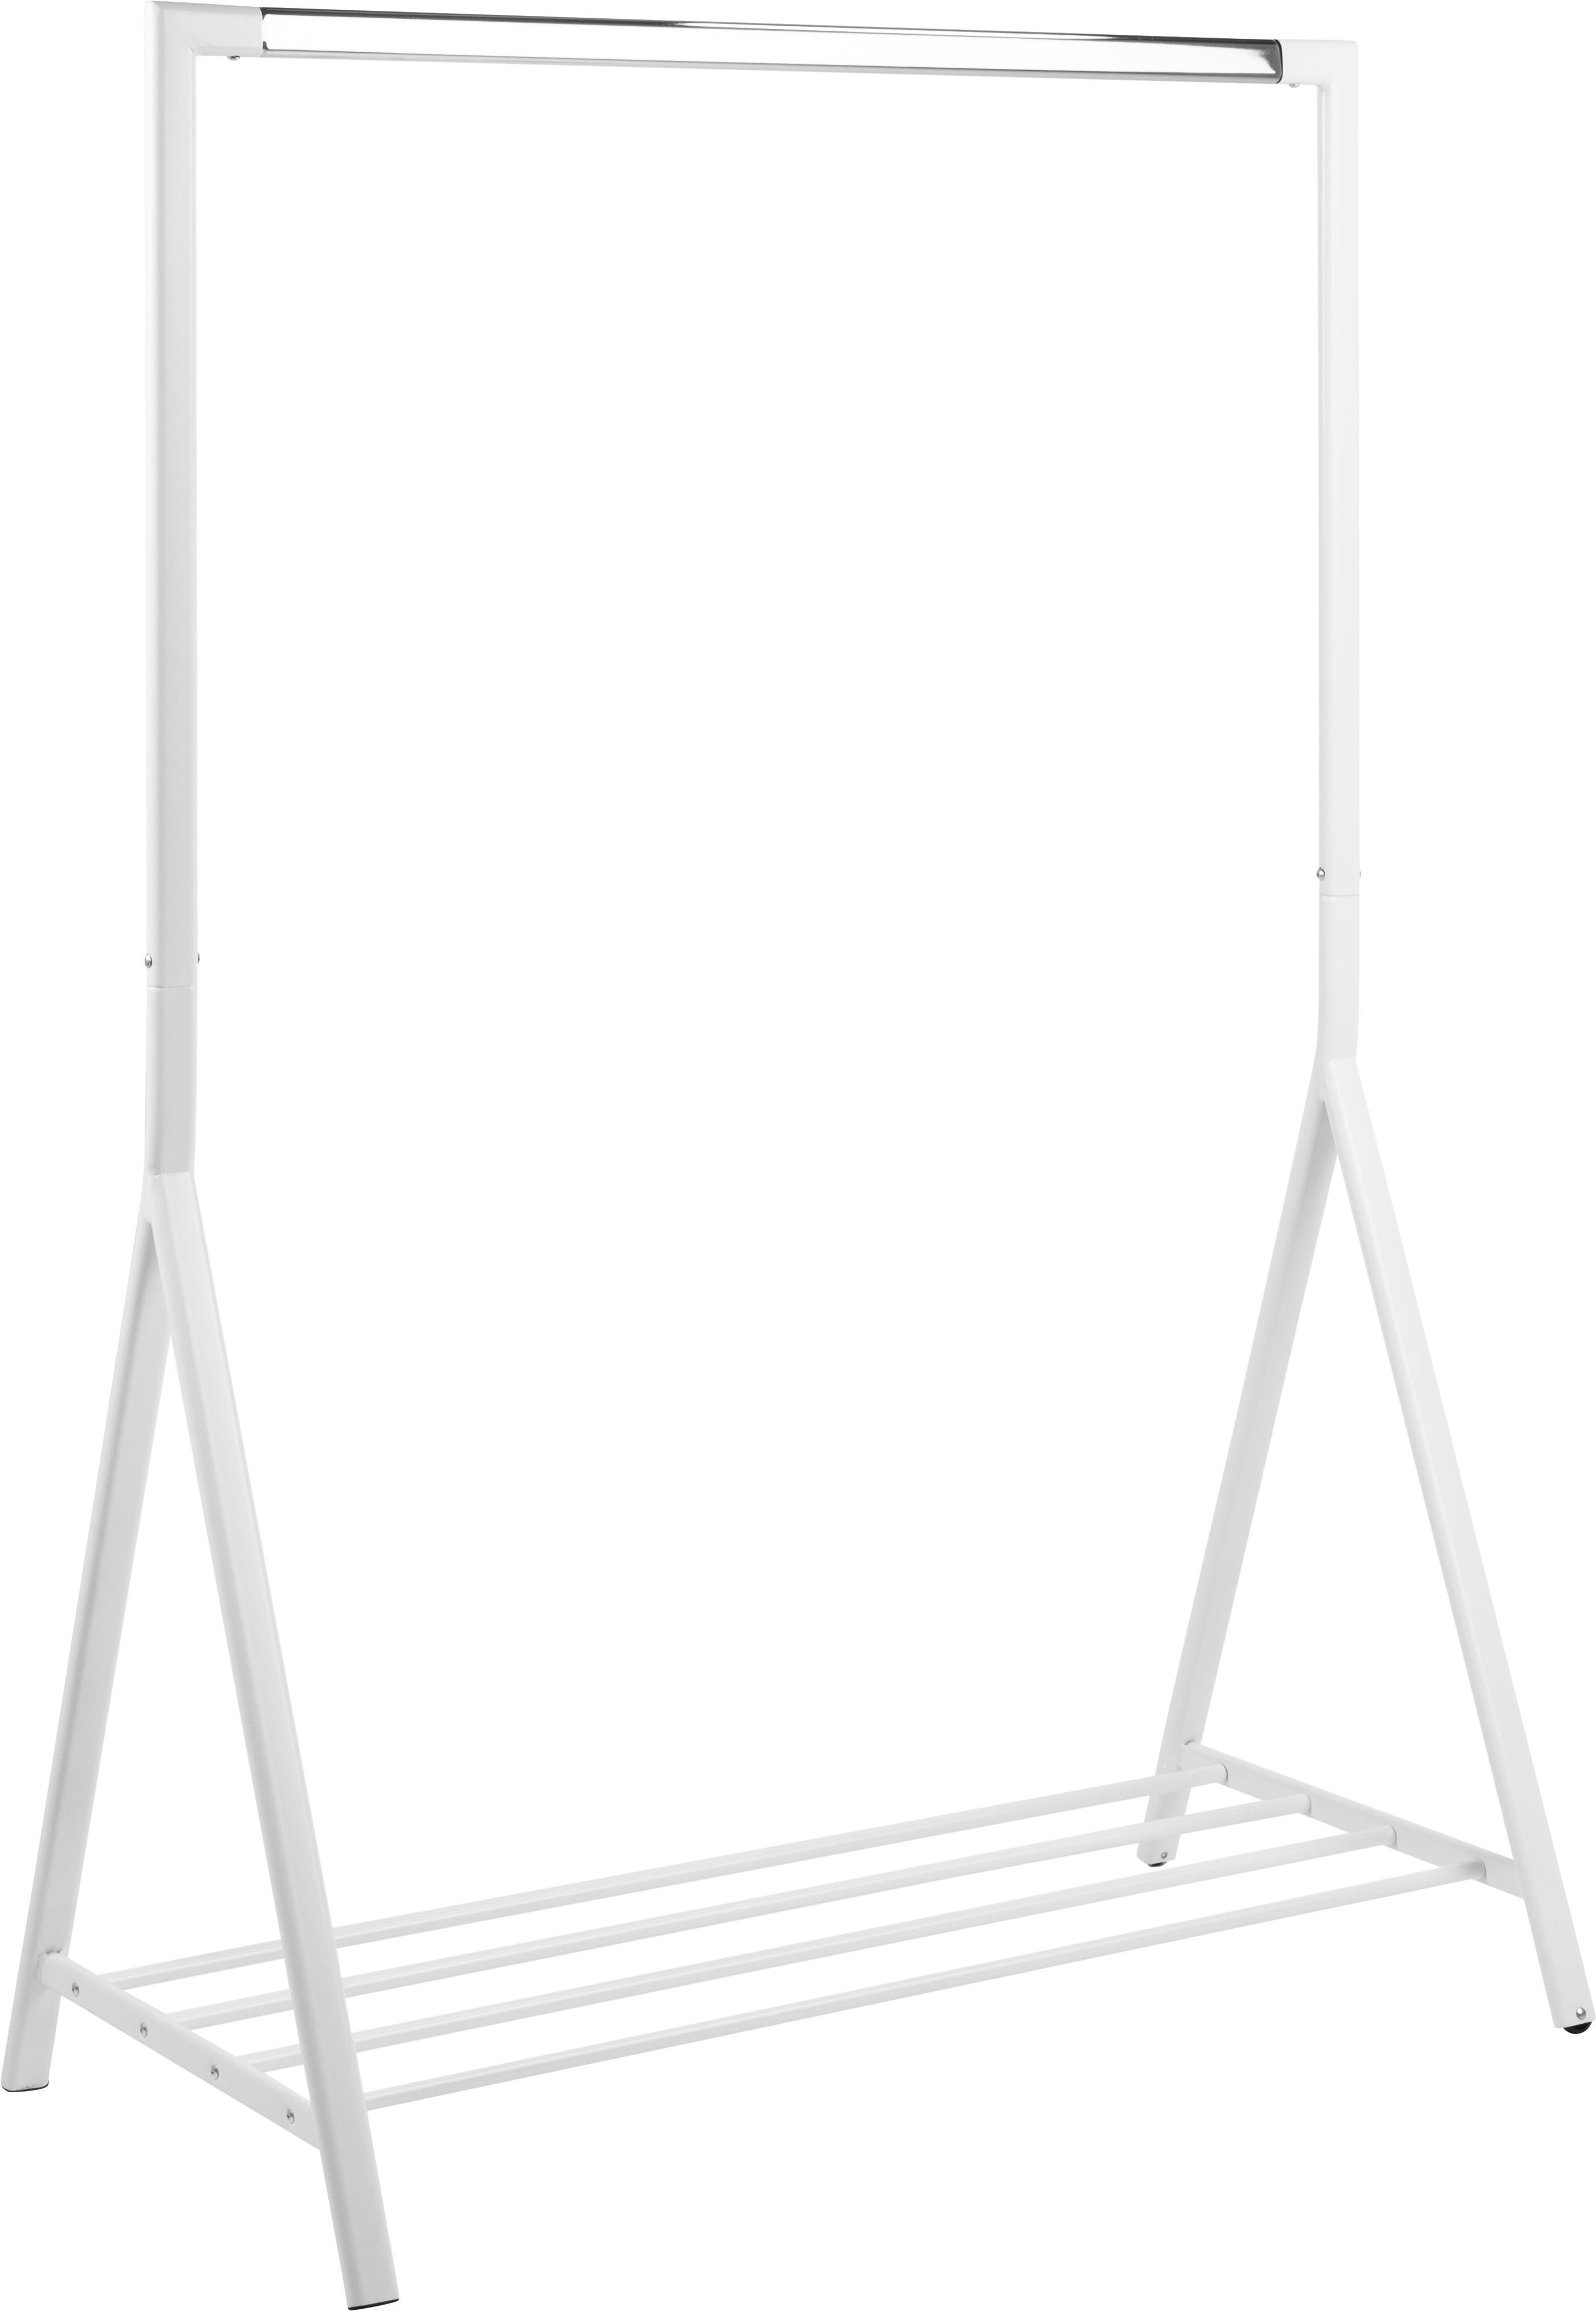 Appendiabiti con mensola Brent, Metallo rivestito, Bianco, Larg. 117 x Prof. 59 cm